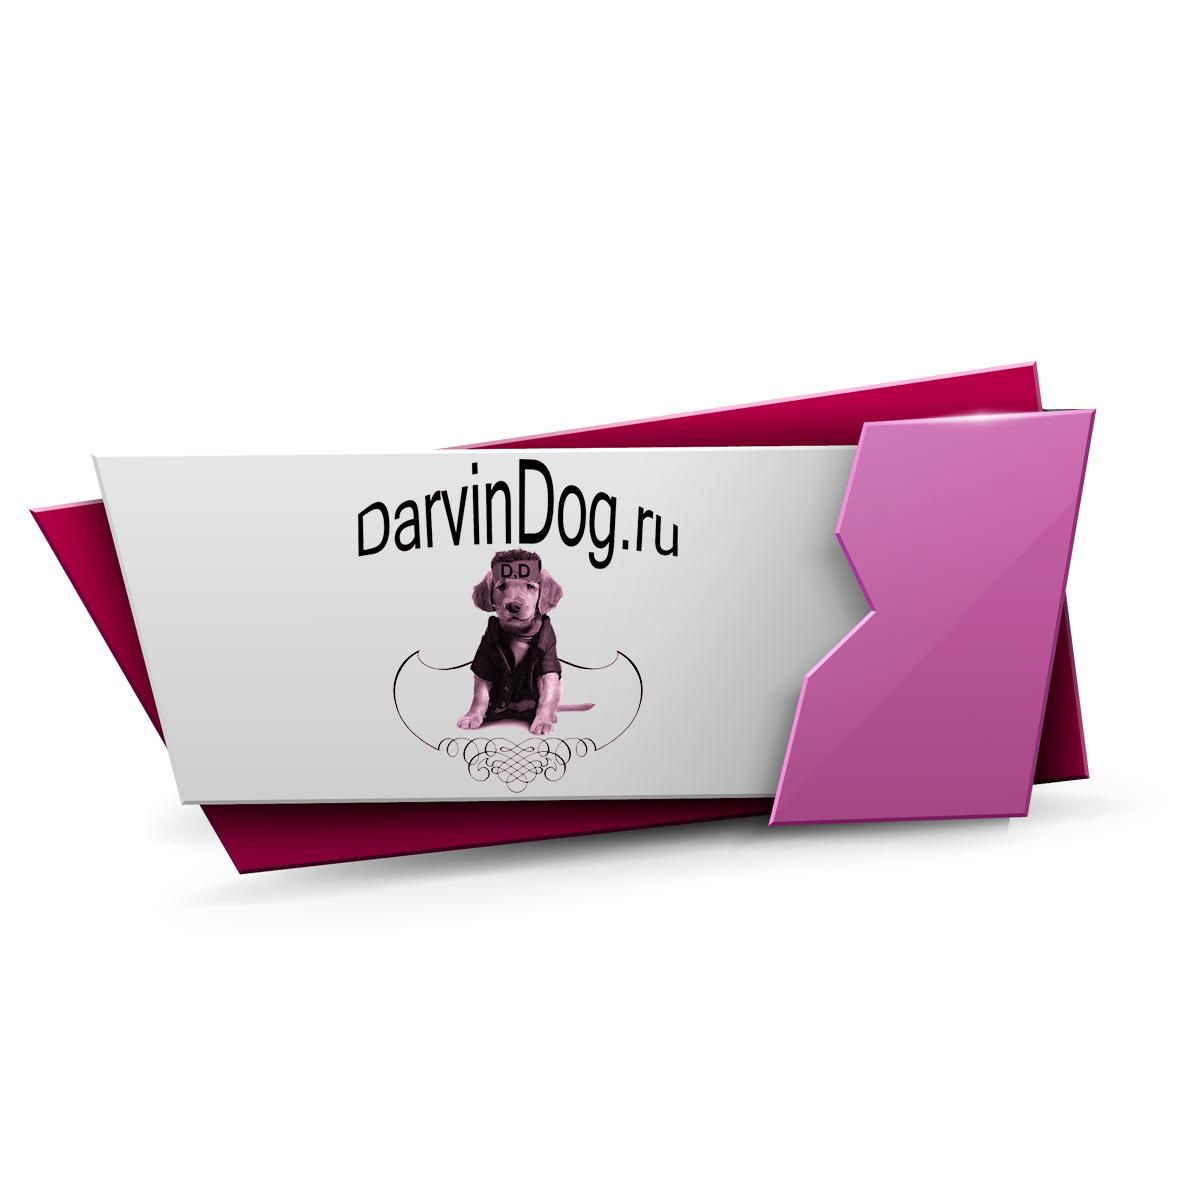 Создать логотип для интернет магазина одежды для собак фото f_961564e63740d0fc.jpg